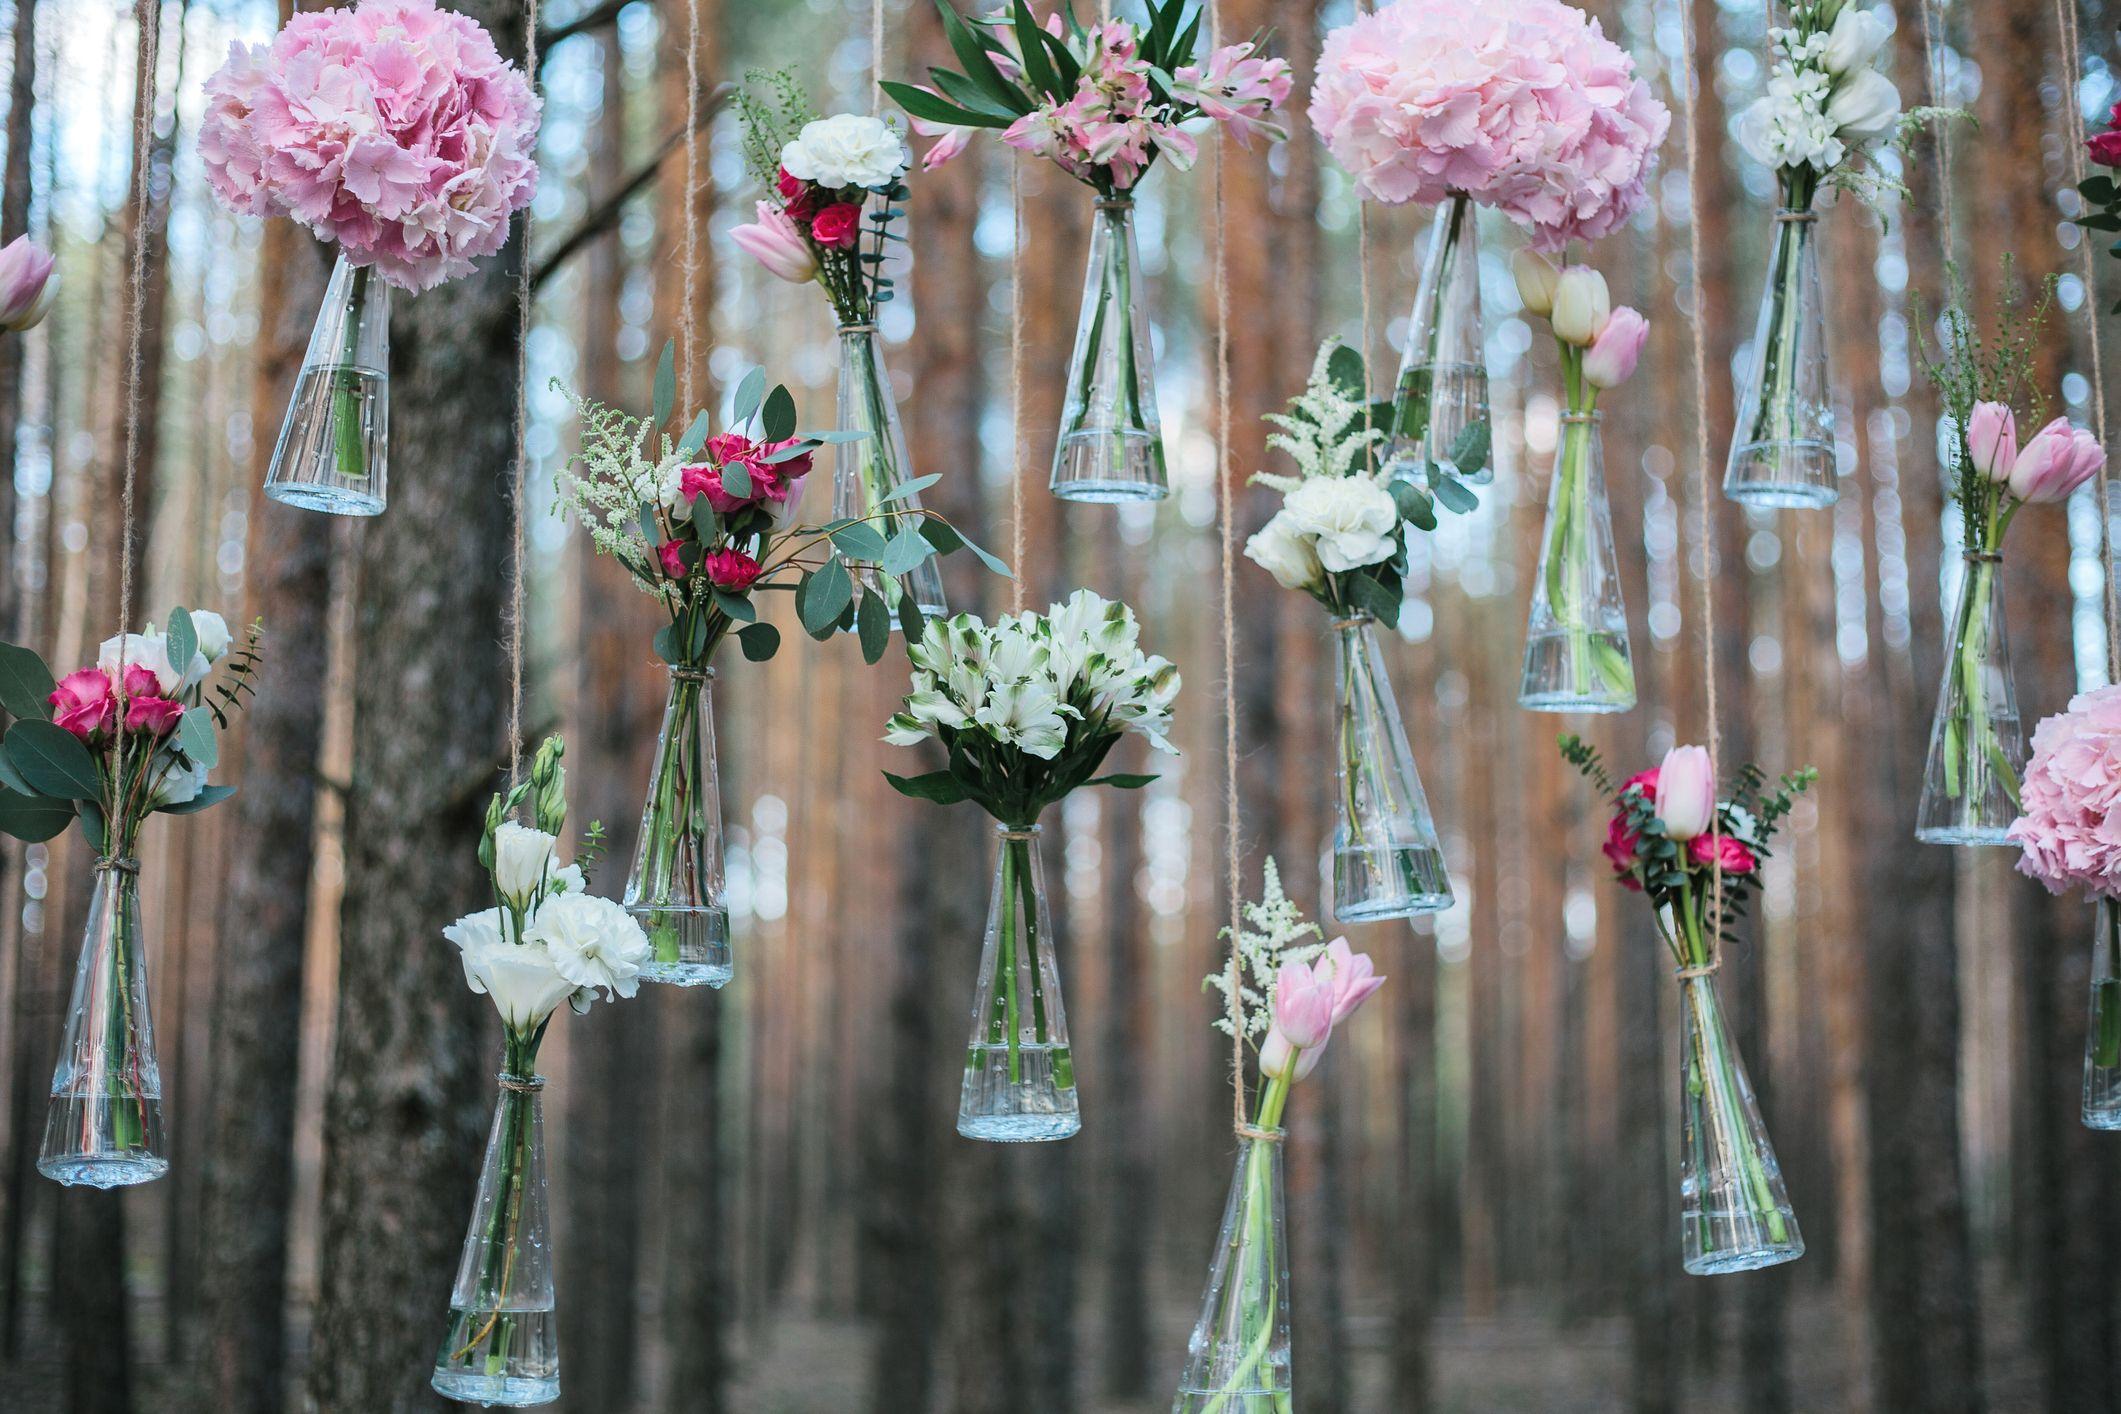 Flores colgadas